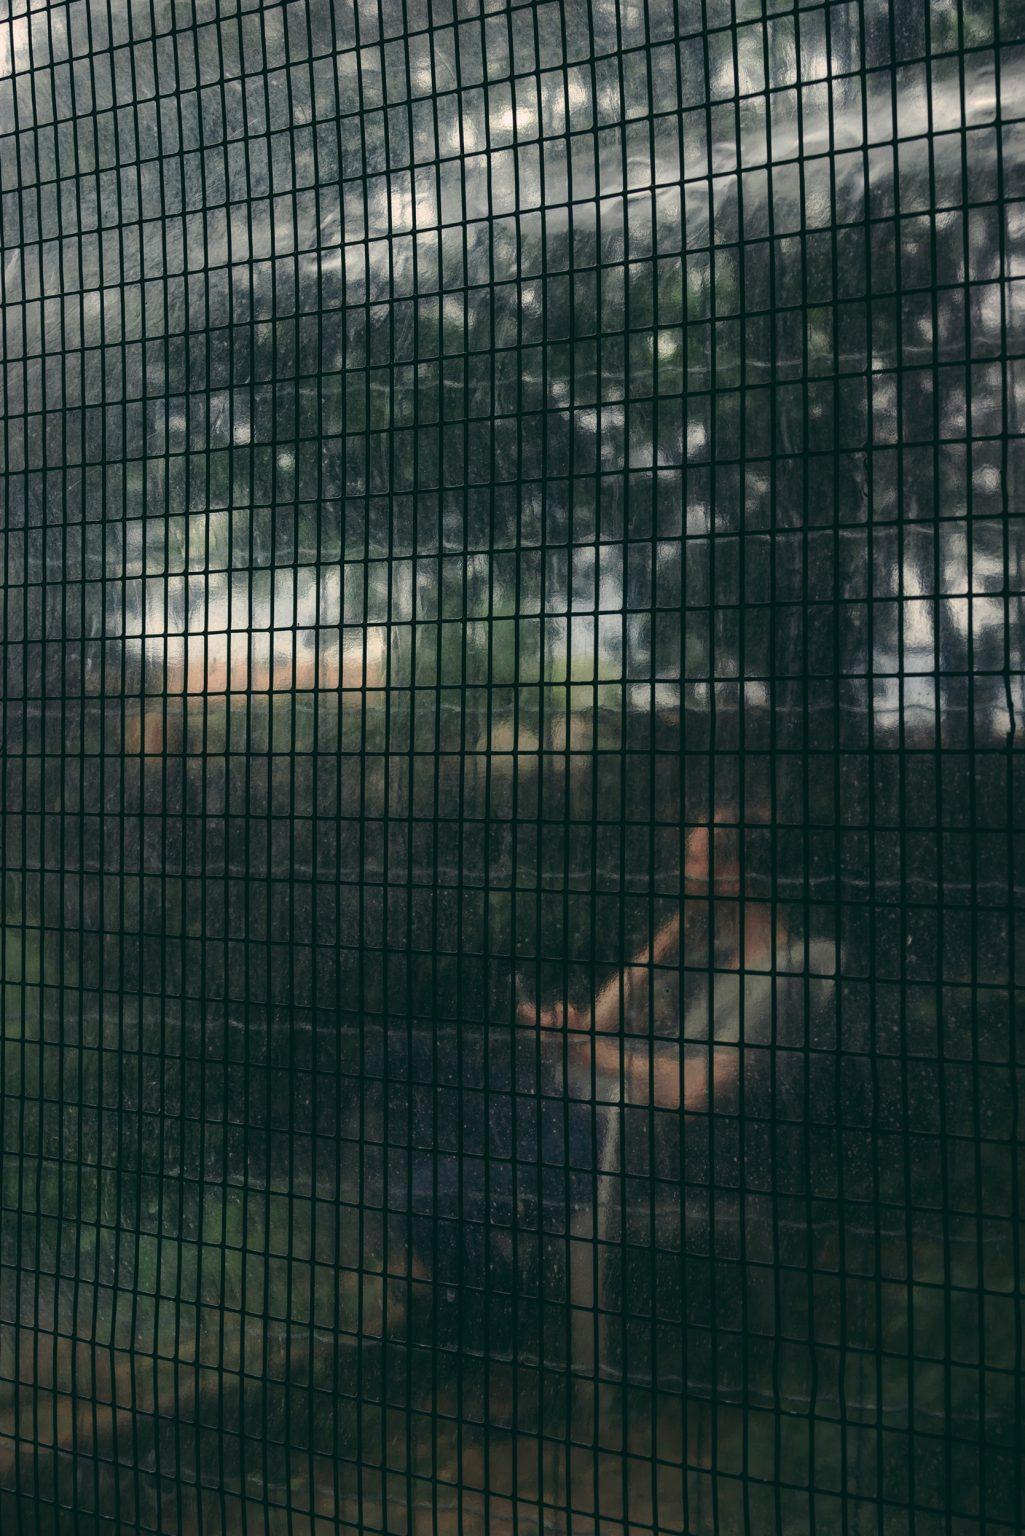 Valdivienne, France, May 2019 - Tristan Plot seen from inside the canary aviary. ><  Valdivienne, Francia, maggio 2019 - Tristan Plot visto dall'interno della voliera dei canarini.*** SPECIAL   FEE   APPLIES *** *** Local Caption *** 01489344